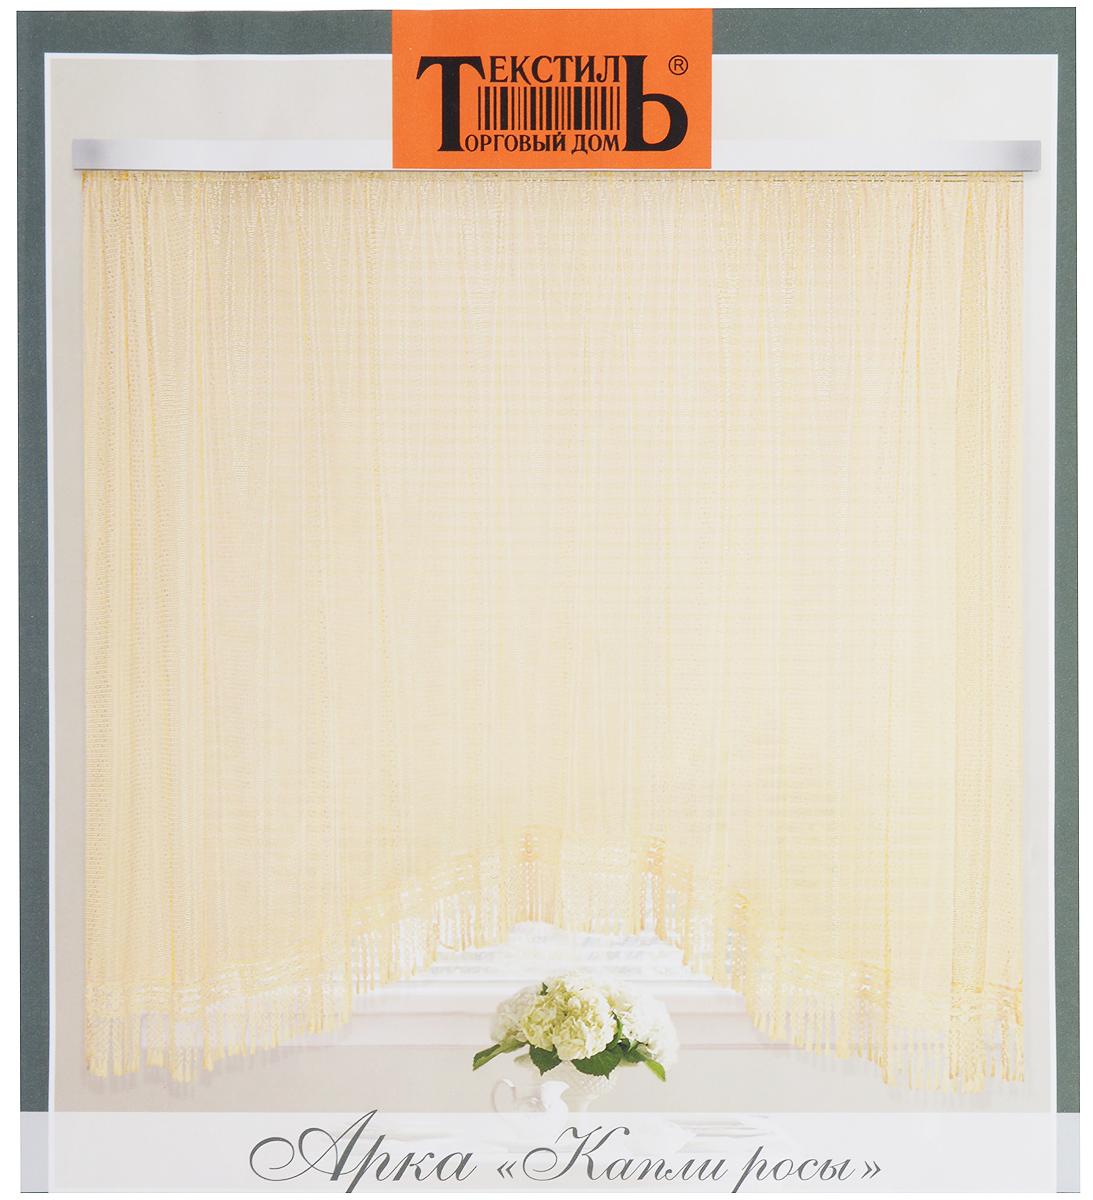 Штора-арка ТД Текстиль Капли росы, на ленте, цвет: желтый, высота 165 см82650_желтыйШтора-арка ТД Текстиль Капли росы великолепно украситлюбое окно. Штора выполнена из качественного сетчатогополиэстера и декорирована бахромой.Полупрозрачная ткань, оригинальный дизайн и приятнаяцветовая гамма привлекут к себе внимание и позволят штореорганично вписаться в интерьер помещения.Штора крепится на карниз при помощи шторной ленты, котораяпоможет красиво и равномерно задрапировать верх. Изделиеотлично подходит для кухни, столовой, спальни.